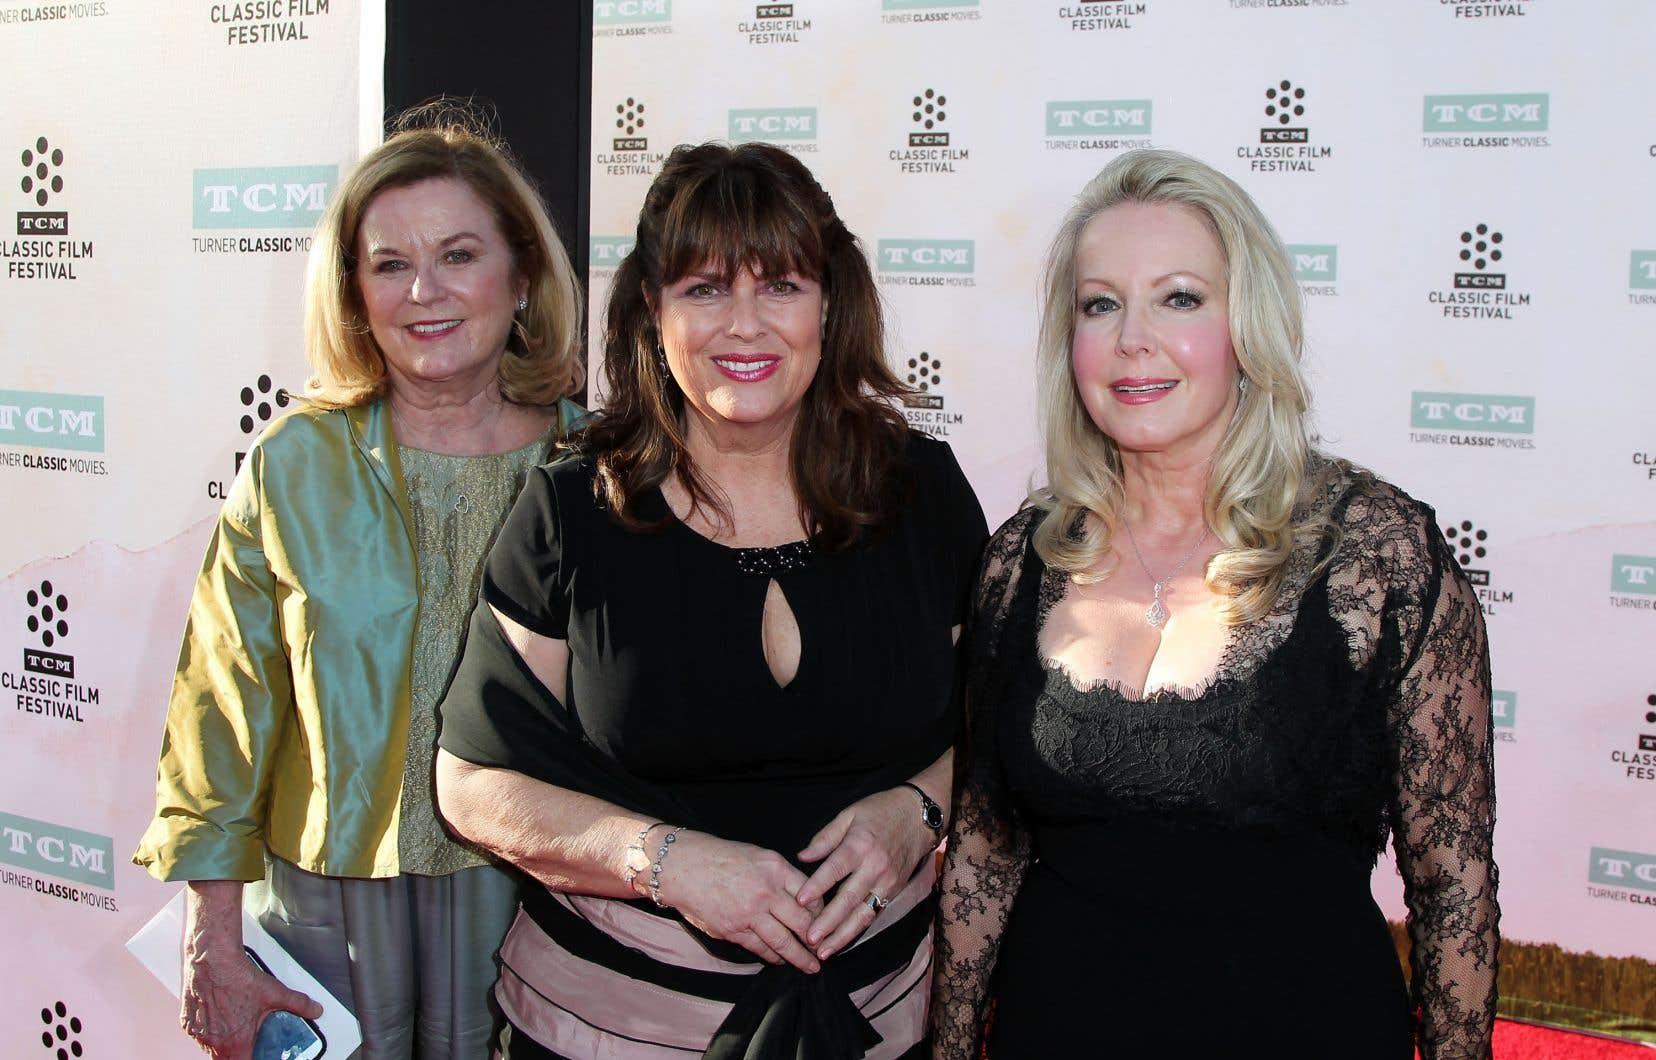 Heather Menzies-Urich (à gauche), aux côtés de Debbie Turner et de Kym Karath lors de la soirée d'ouverture du festival TCM Classic Film, en 2015.